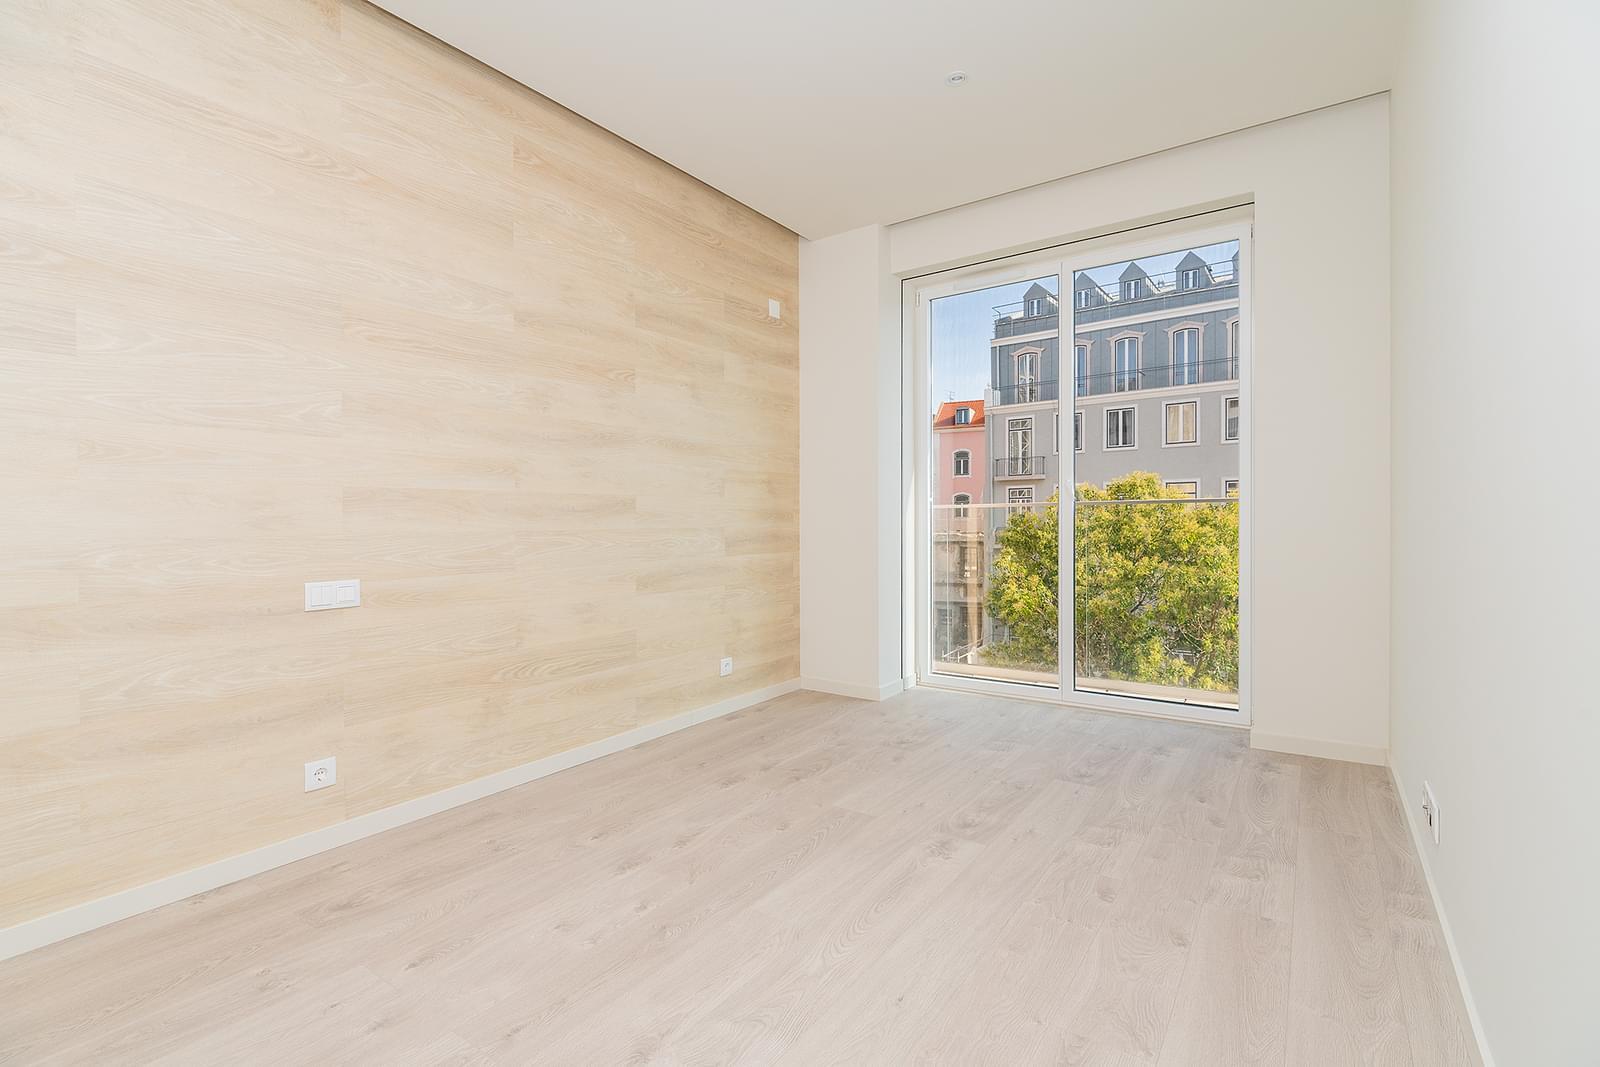 pf18308-apartamento-t2-lisboa-dcf884f6-fca5-4cdf-940c-4a0d1506d047